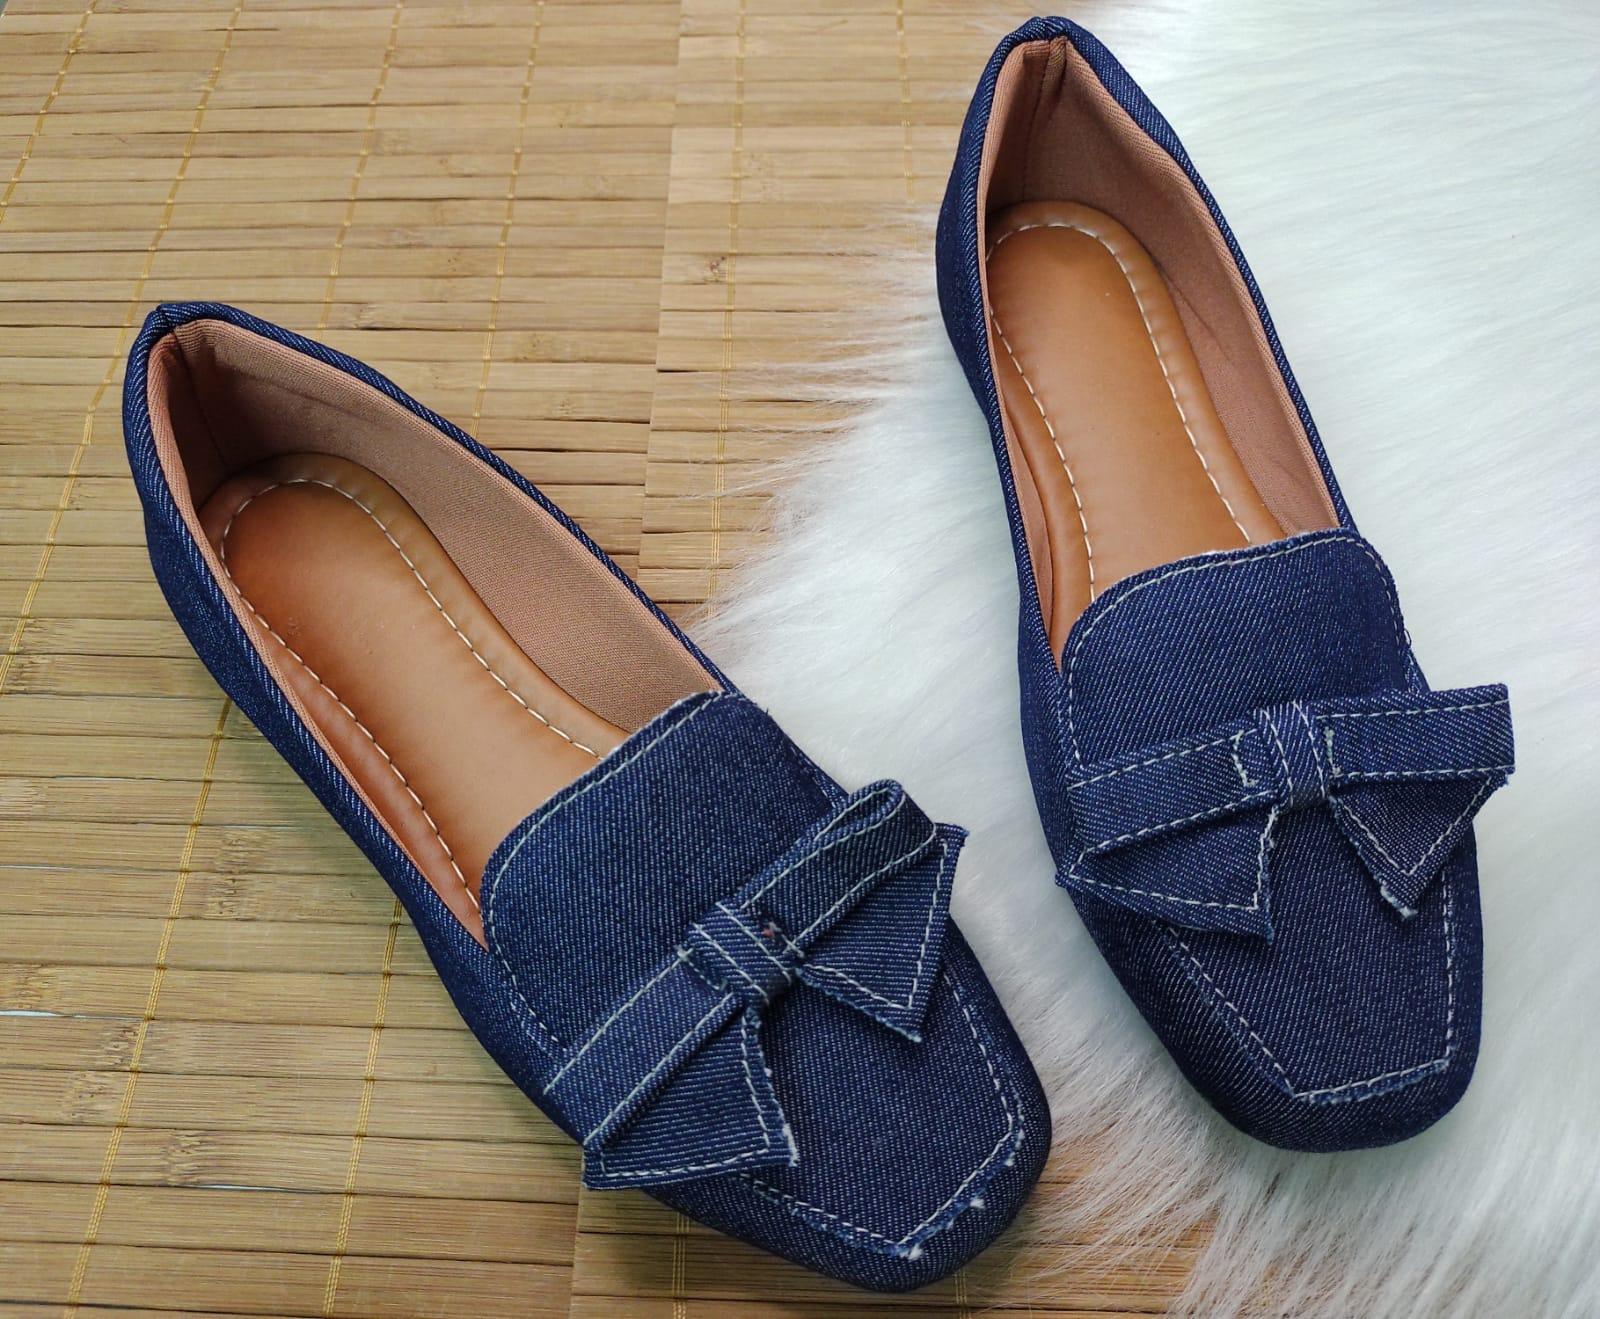 Sapatilha Palmilha Confort - No Jeans Com Laço do Mesmo Material.